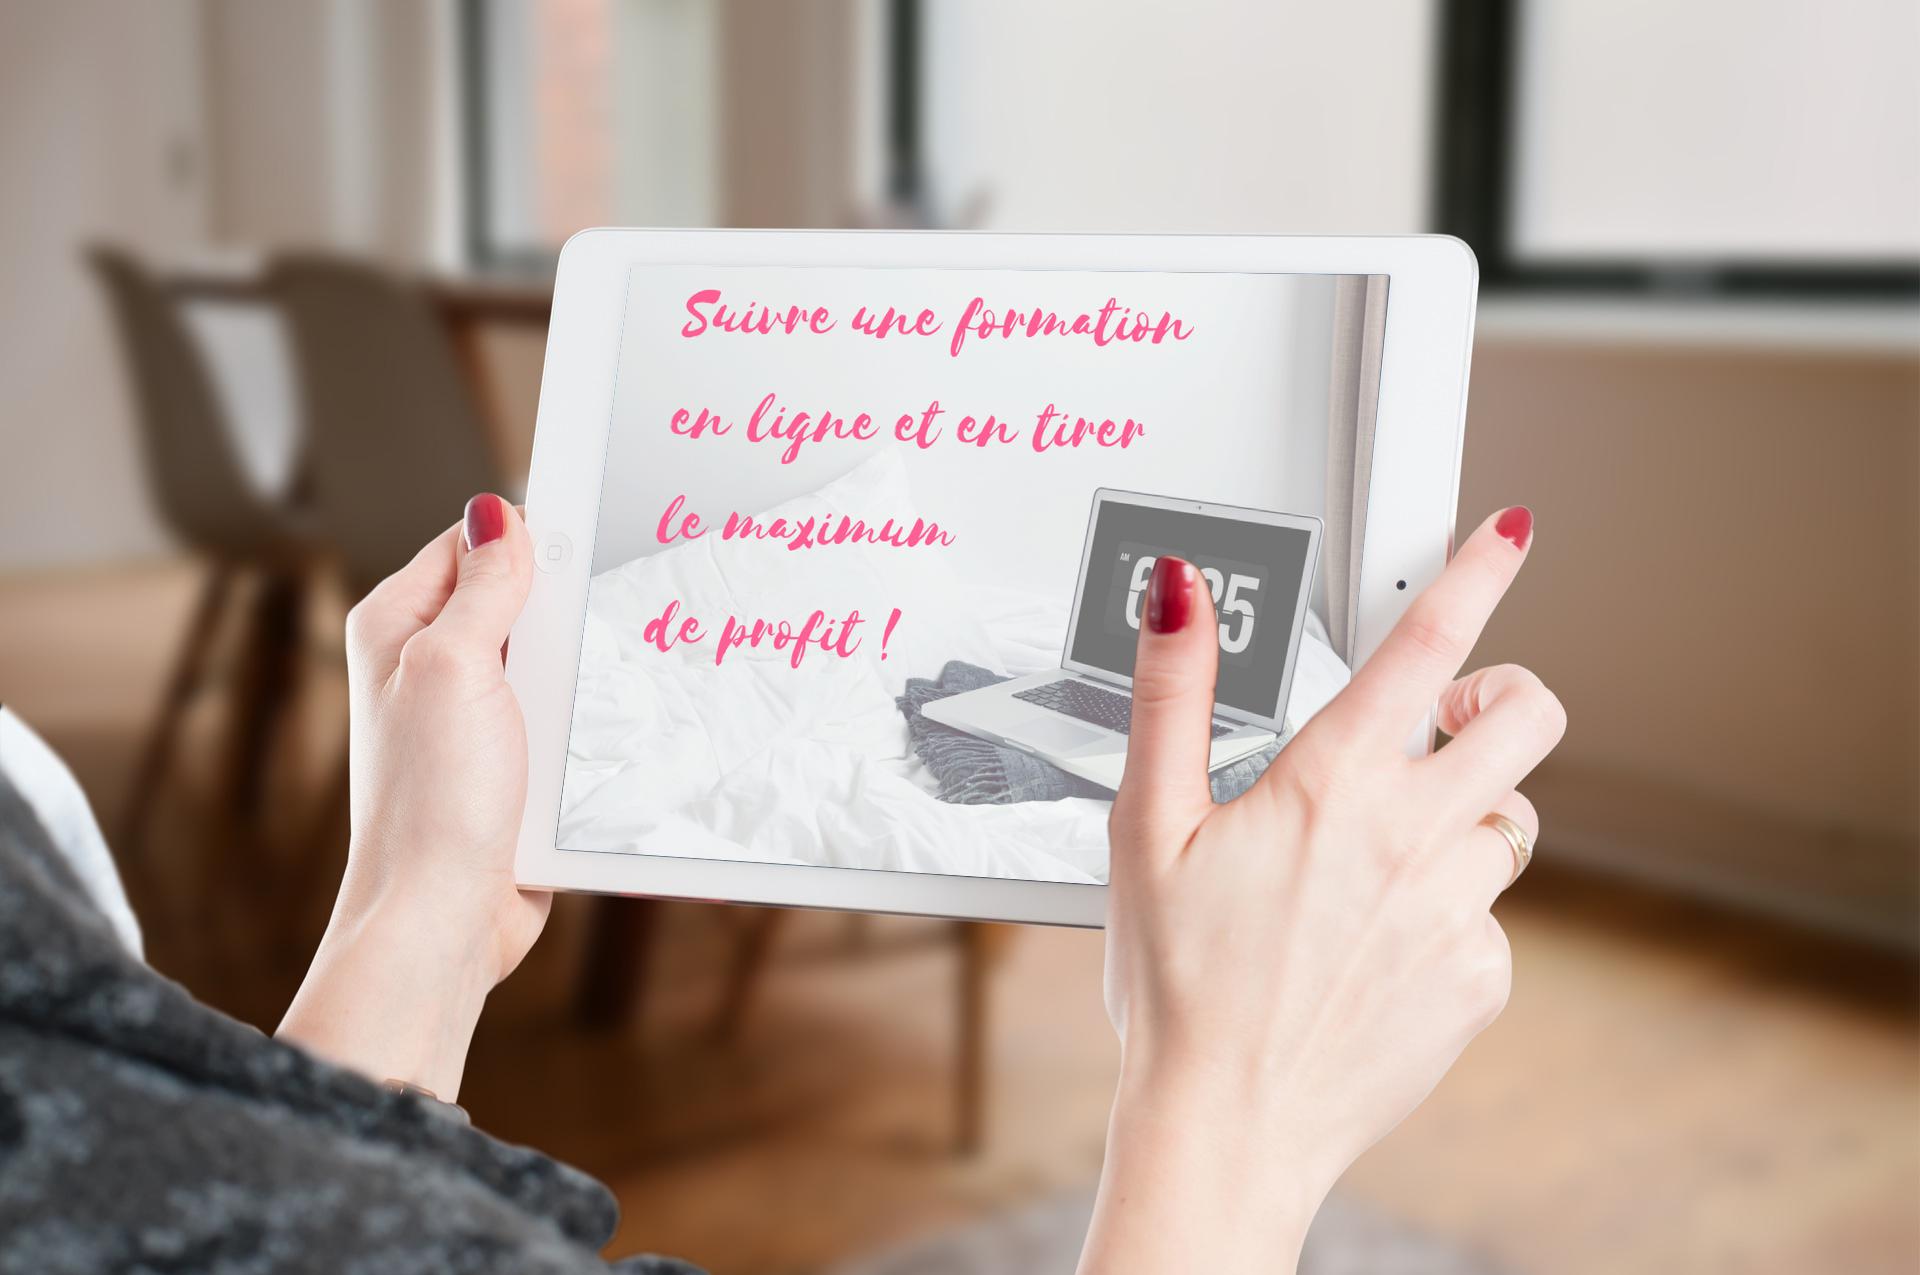 Bonnes pratiques apprentissage en ligne archives ambitions plurielles e book suivre une formation en ligne et en tirer un maximum de profit fandeluxe Gallery